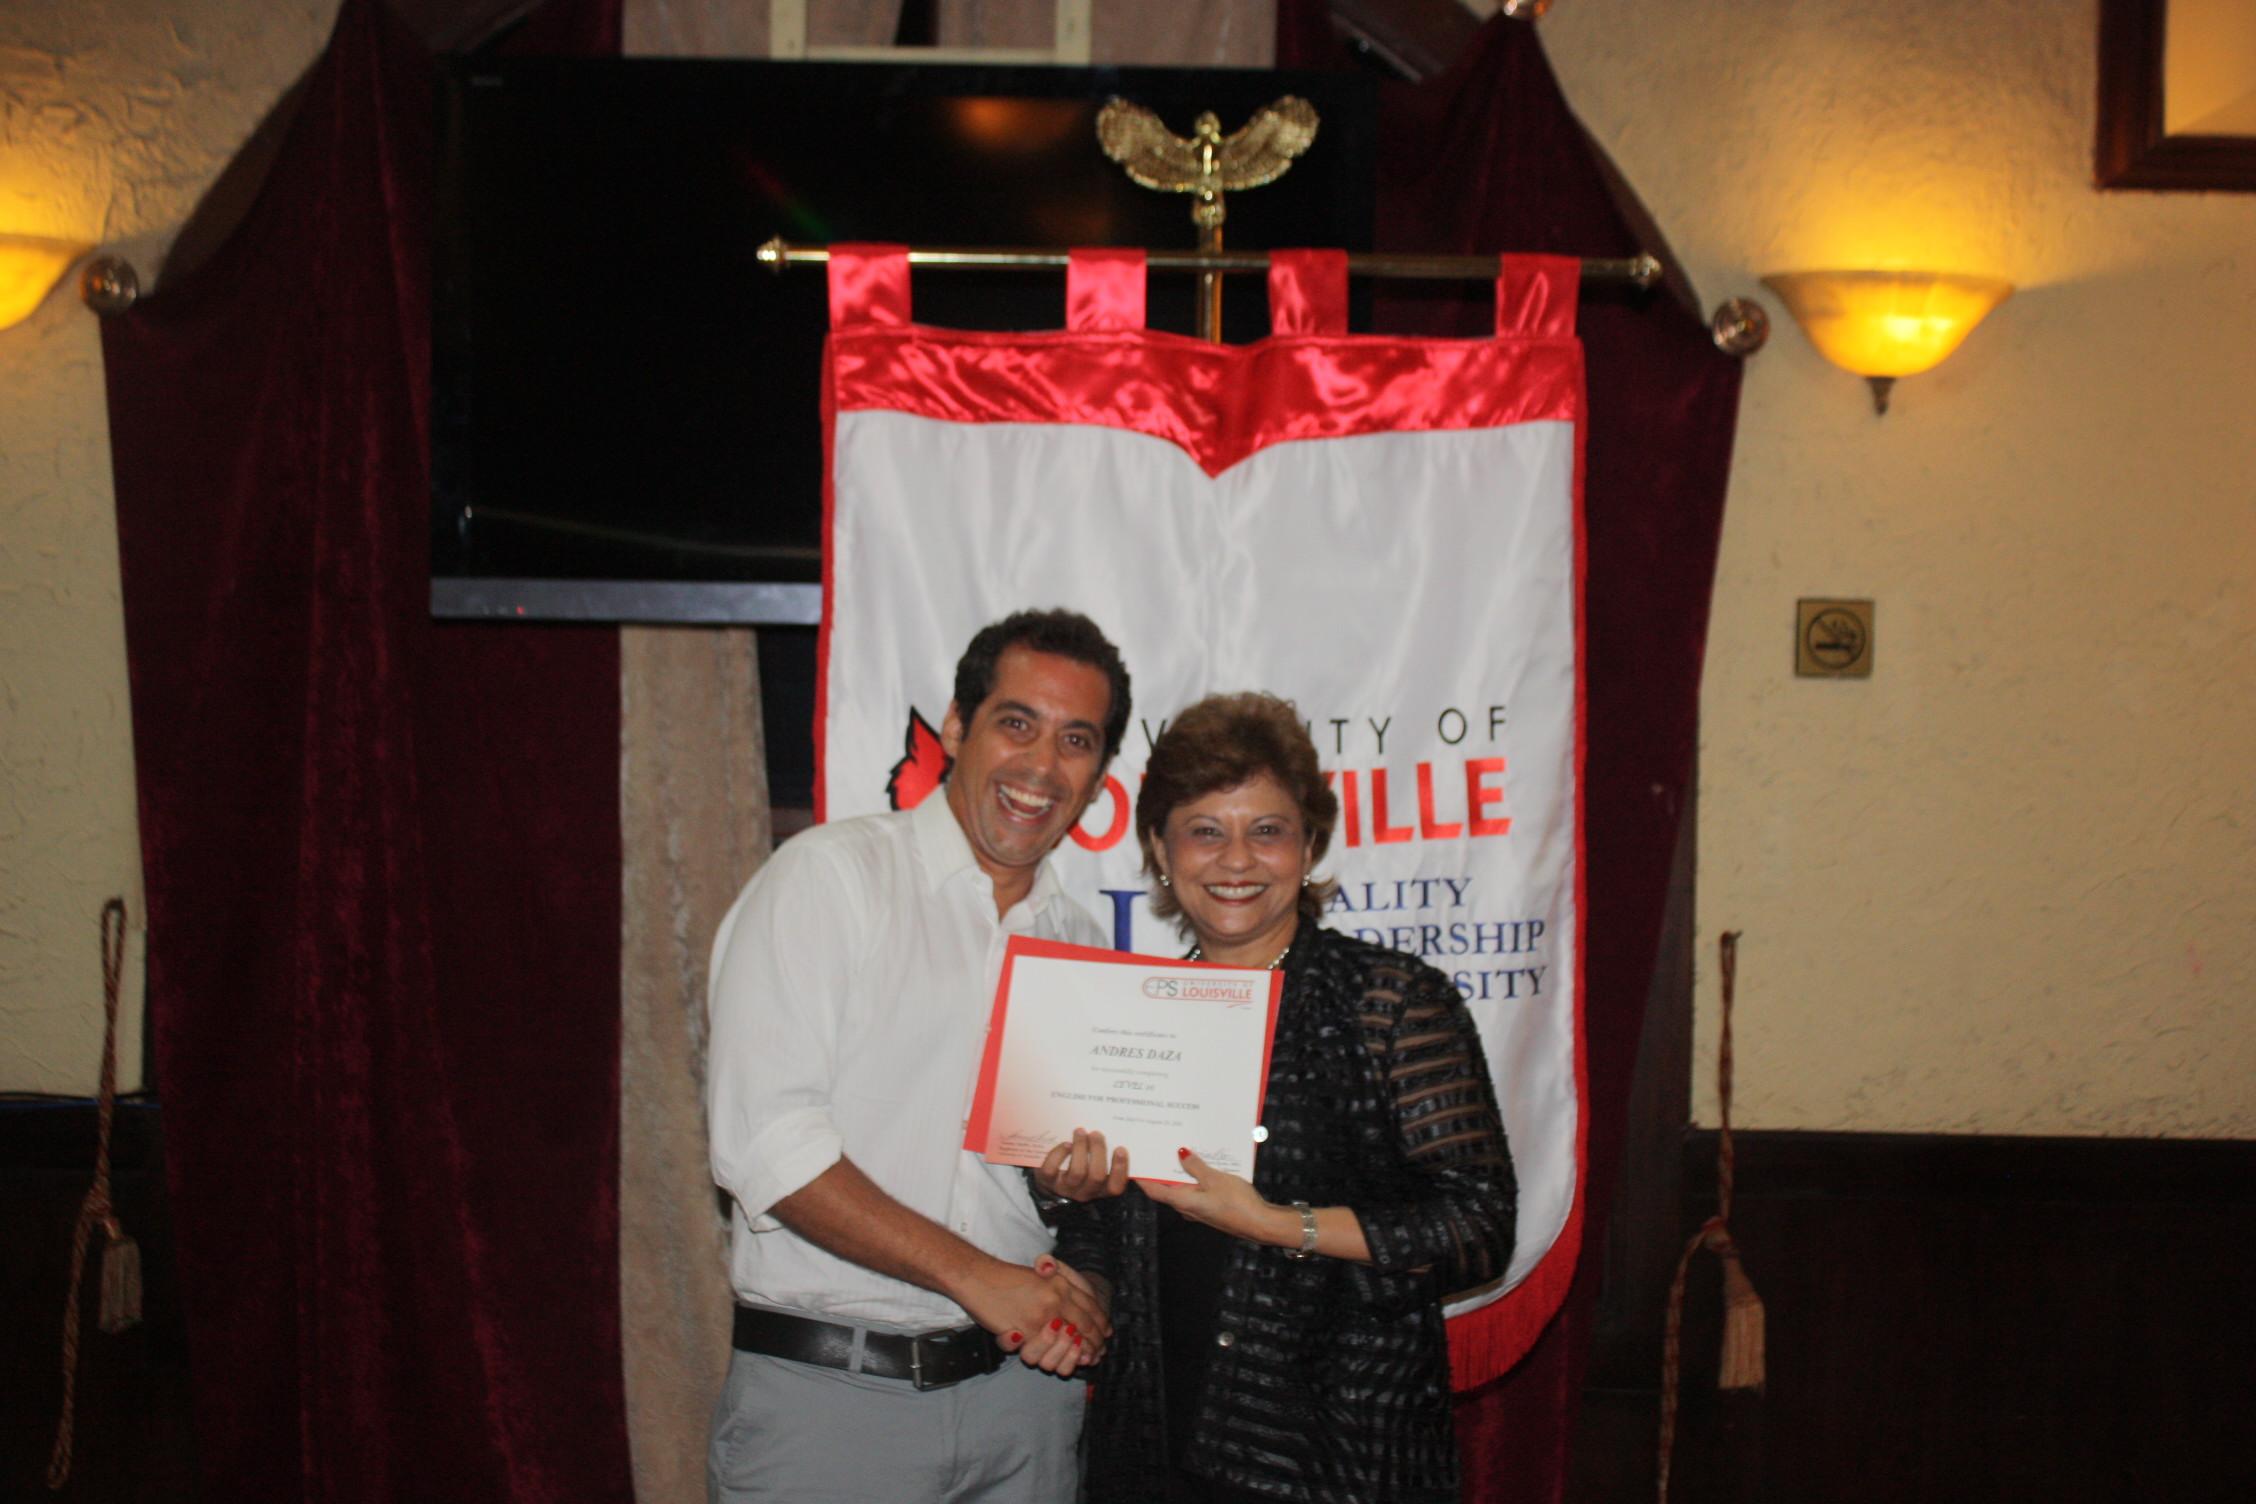 Andres Daza - Cursos de Ingles en Panama University of louisville